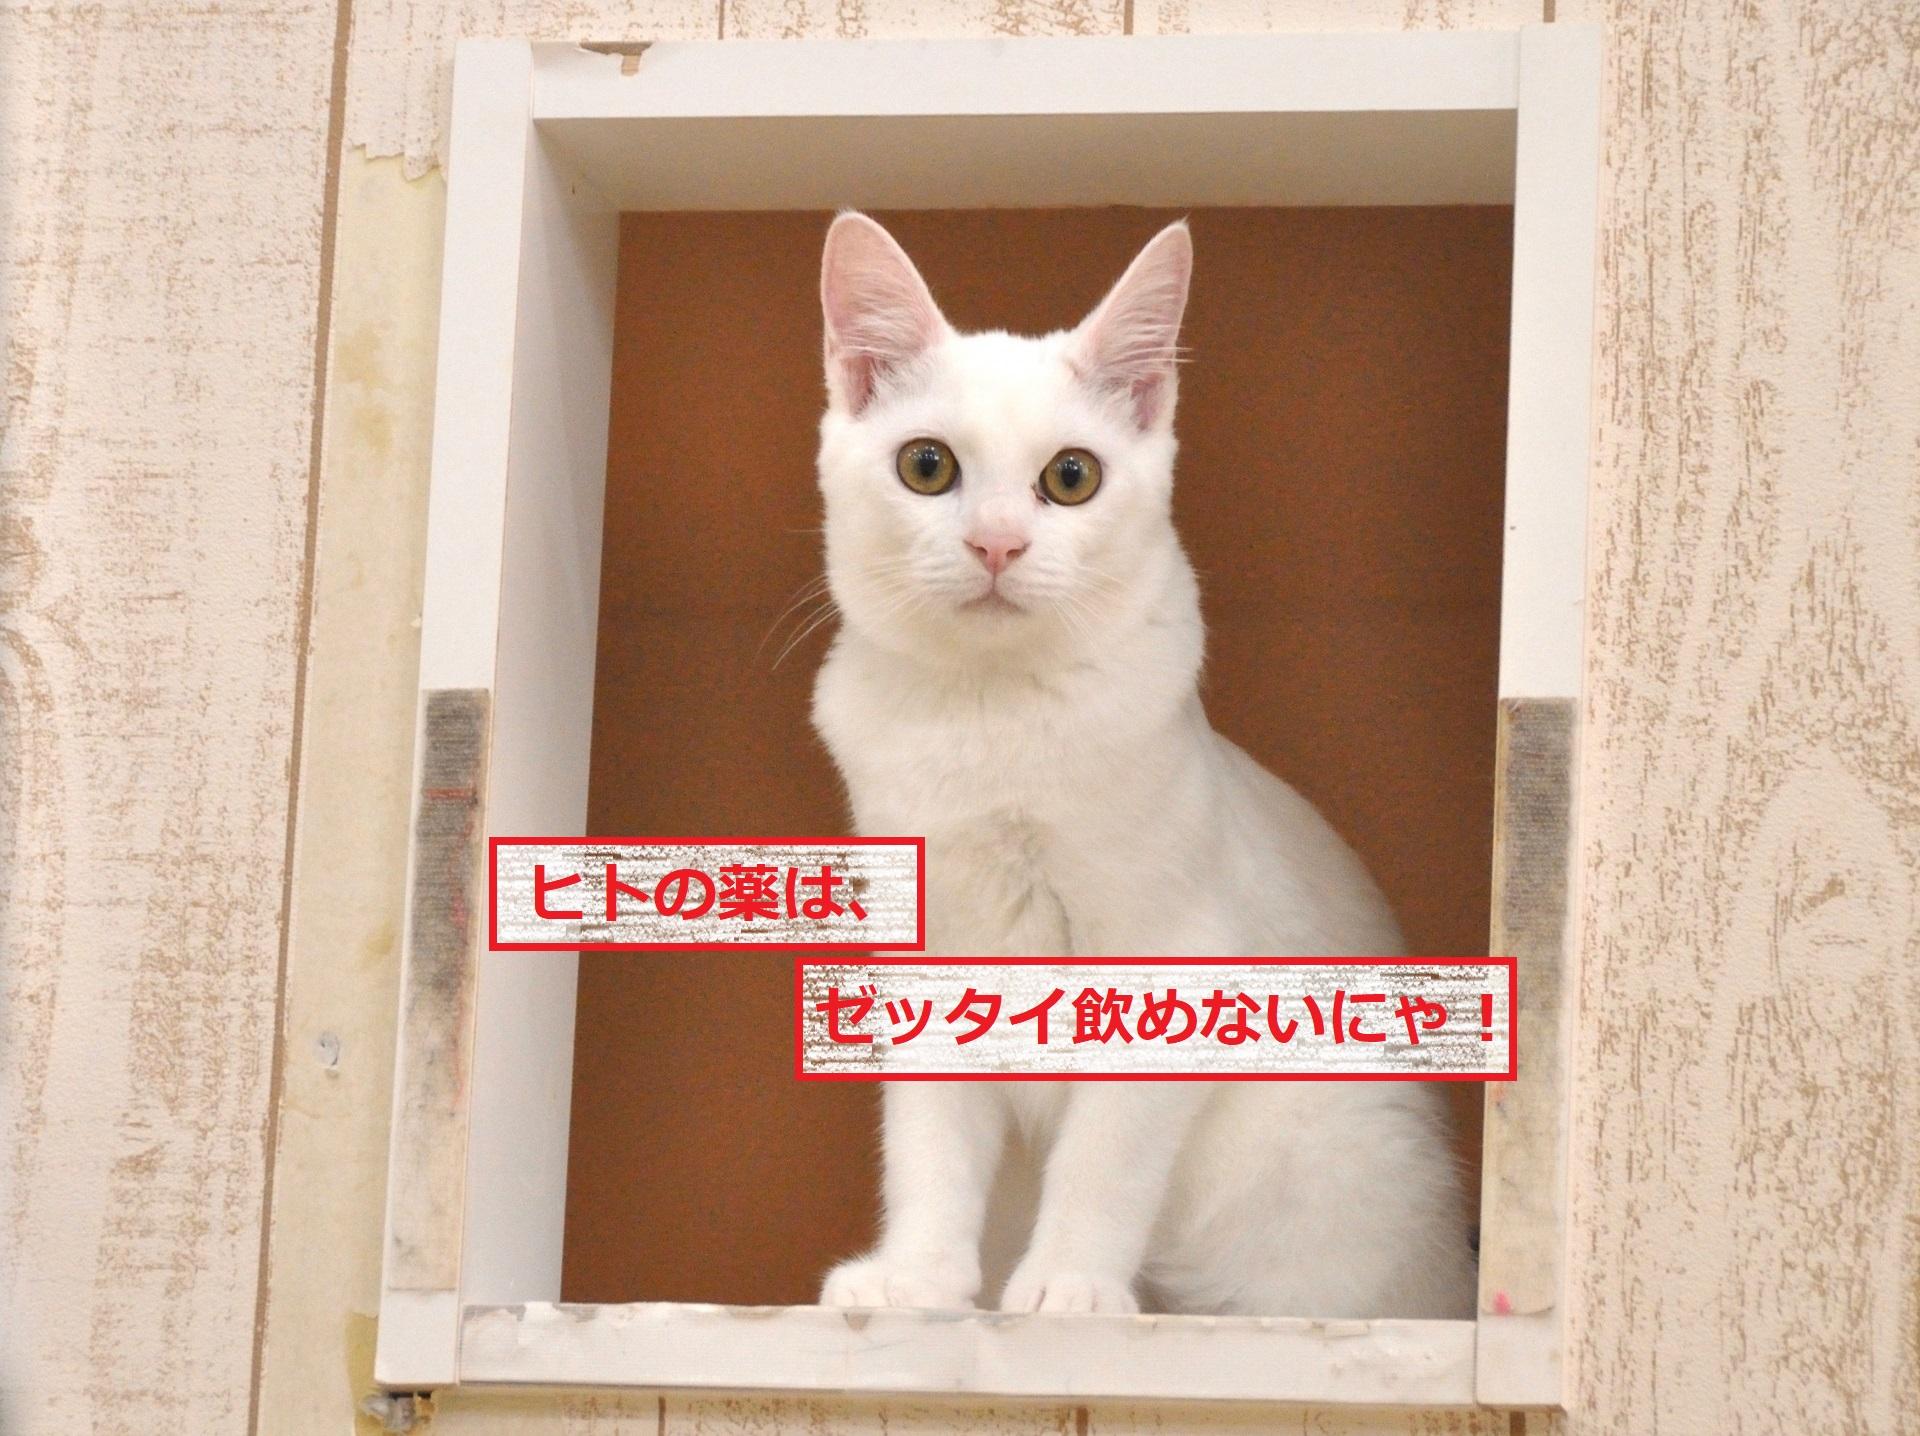 ネコにかぜ薬禁止